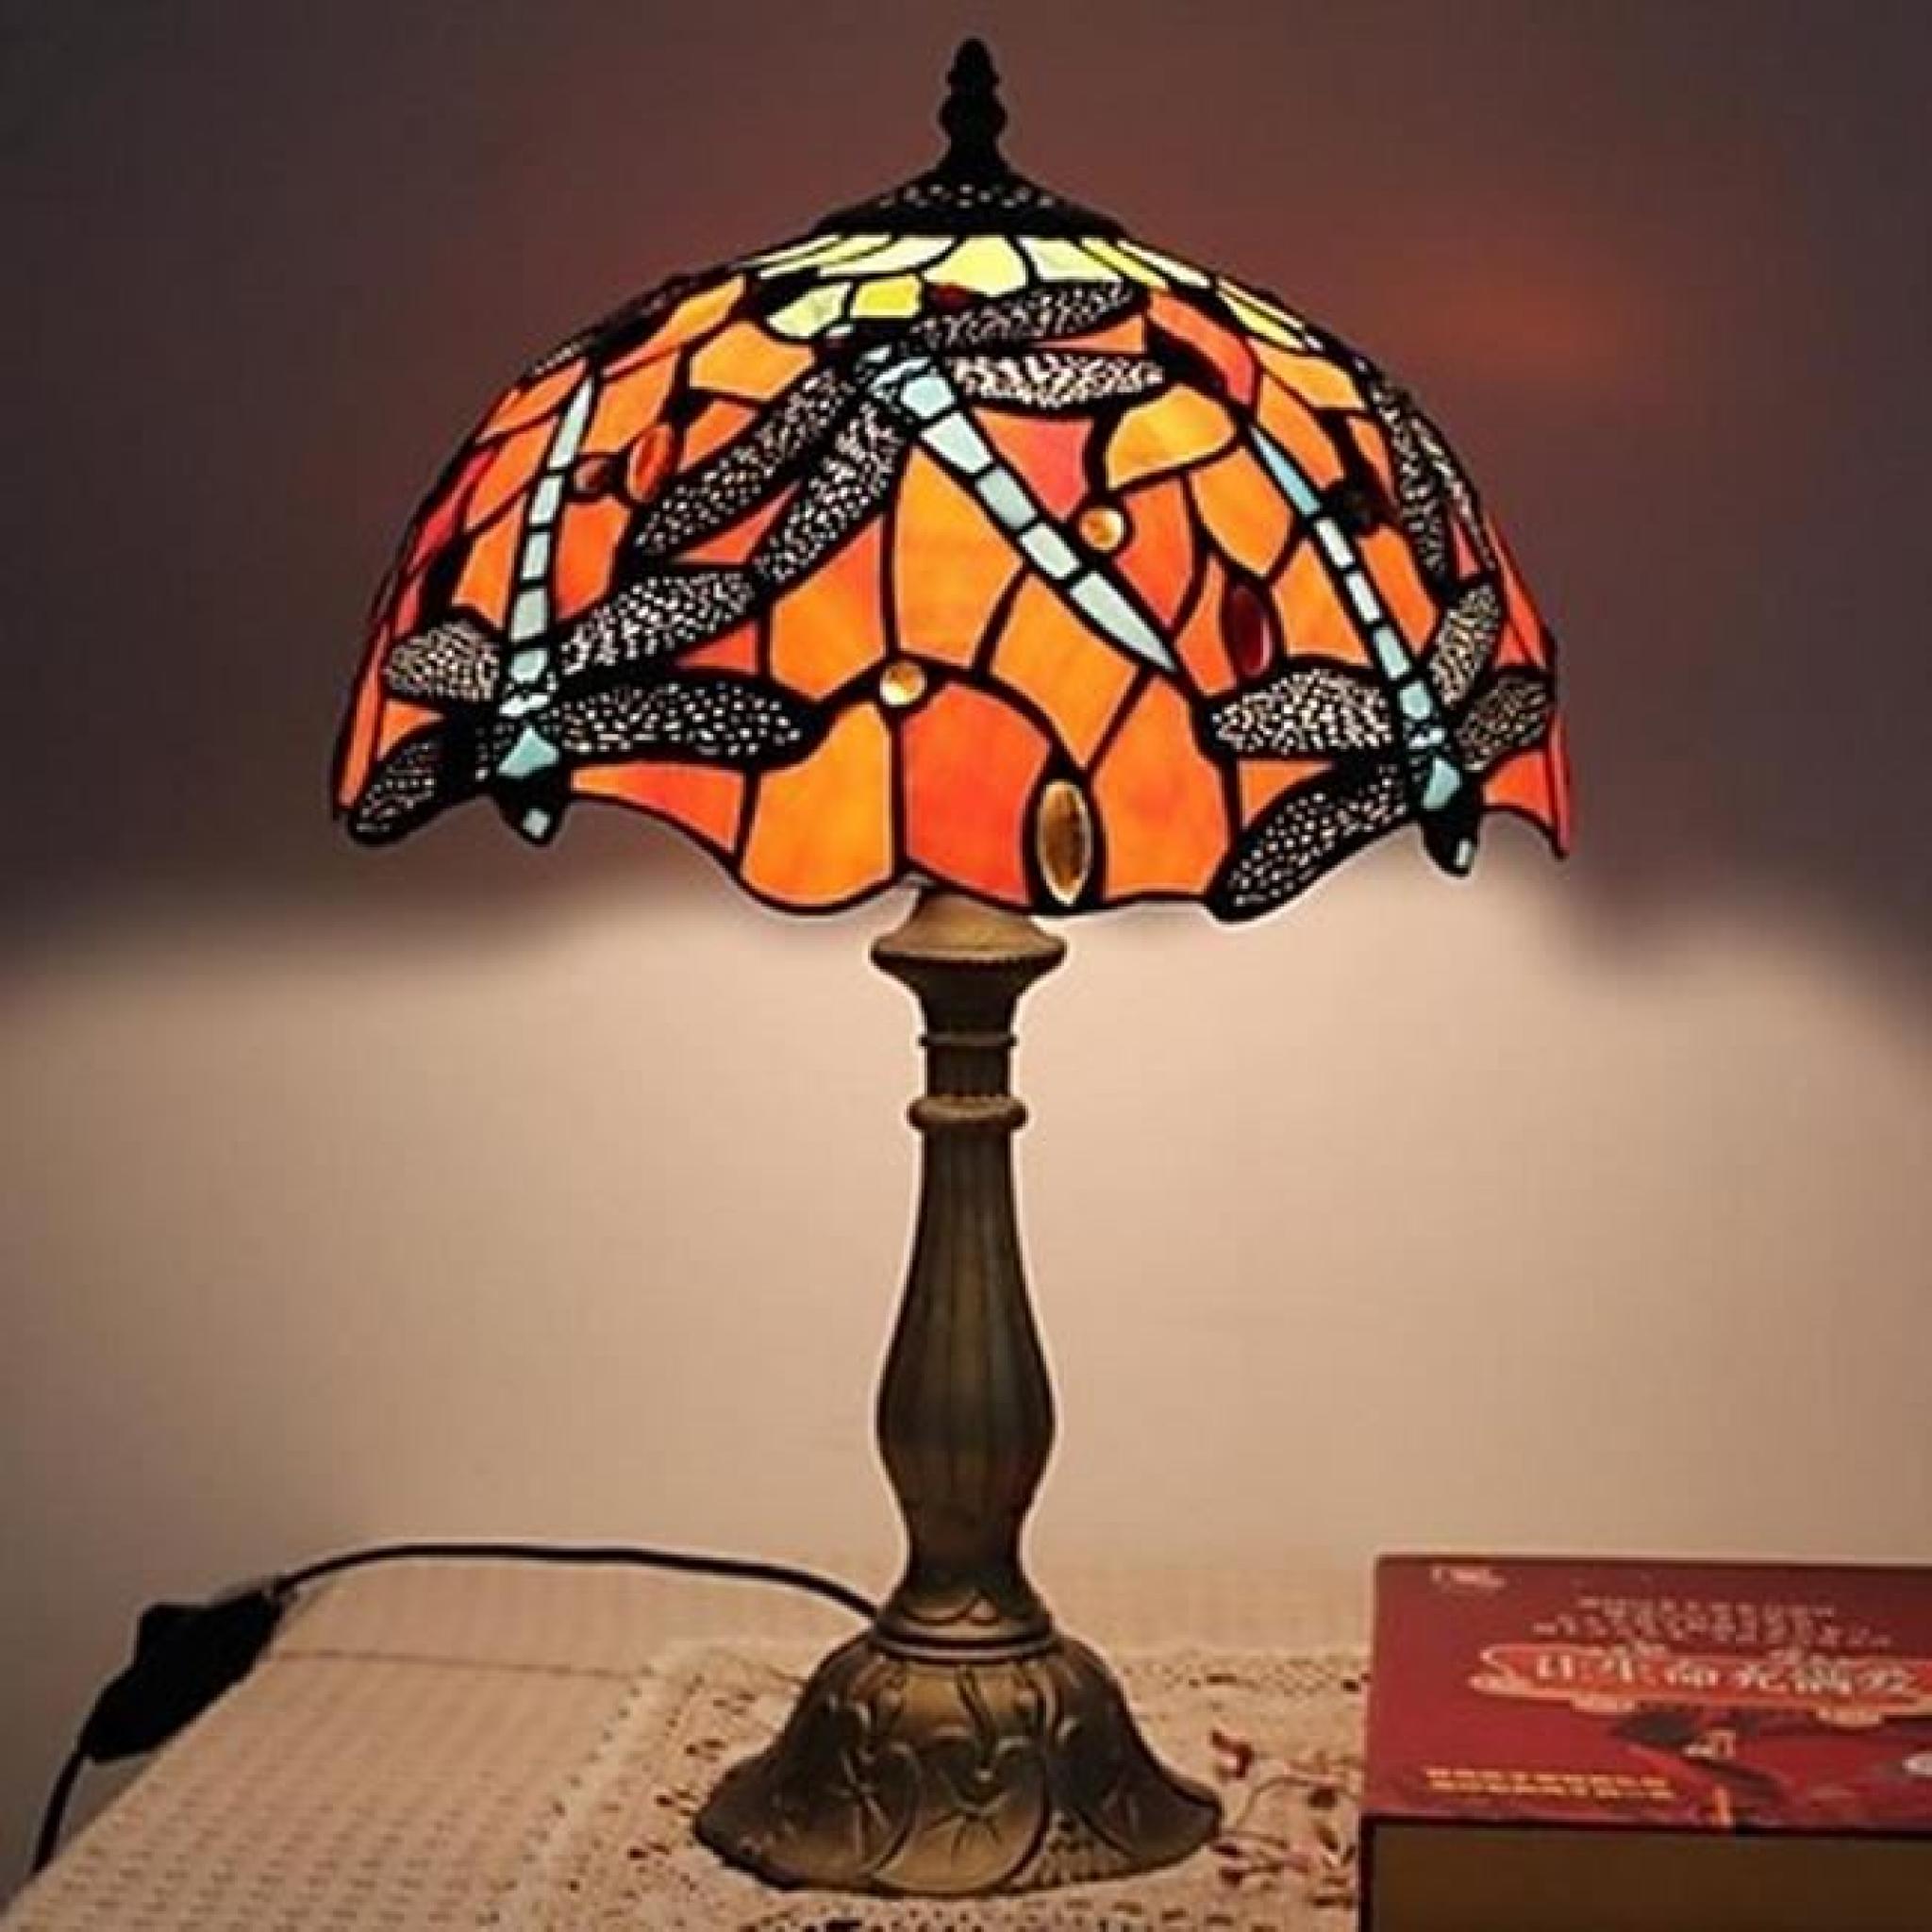 lampe de table tiffany tu achat vente lampe a poser pas cher couleur et. Black Bedroom Furniture Sets. Home Design Ideas